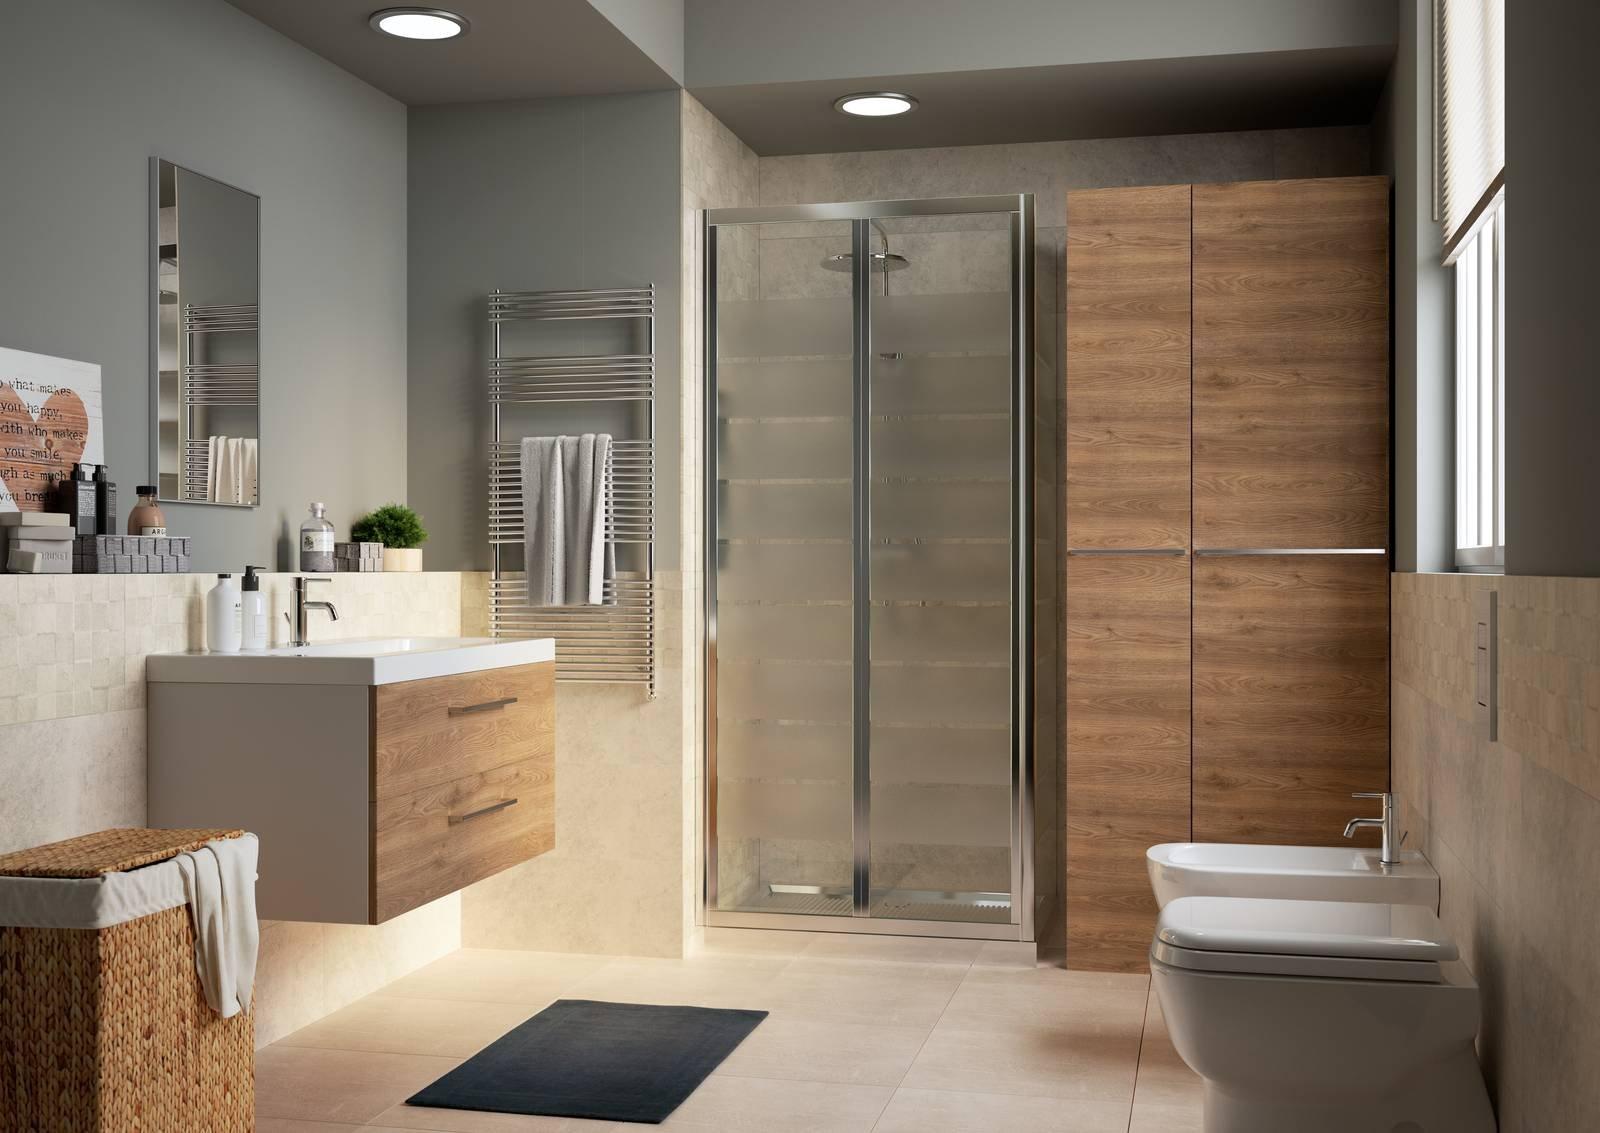 Bagni Con Doccia Foto : Da vasca a doccia: un bagno nuovo su misura cose di casa